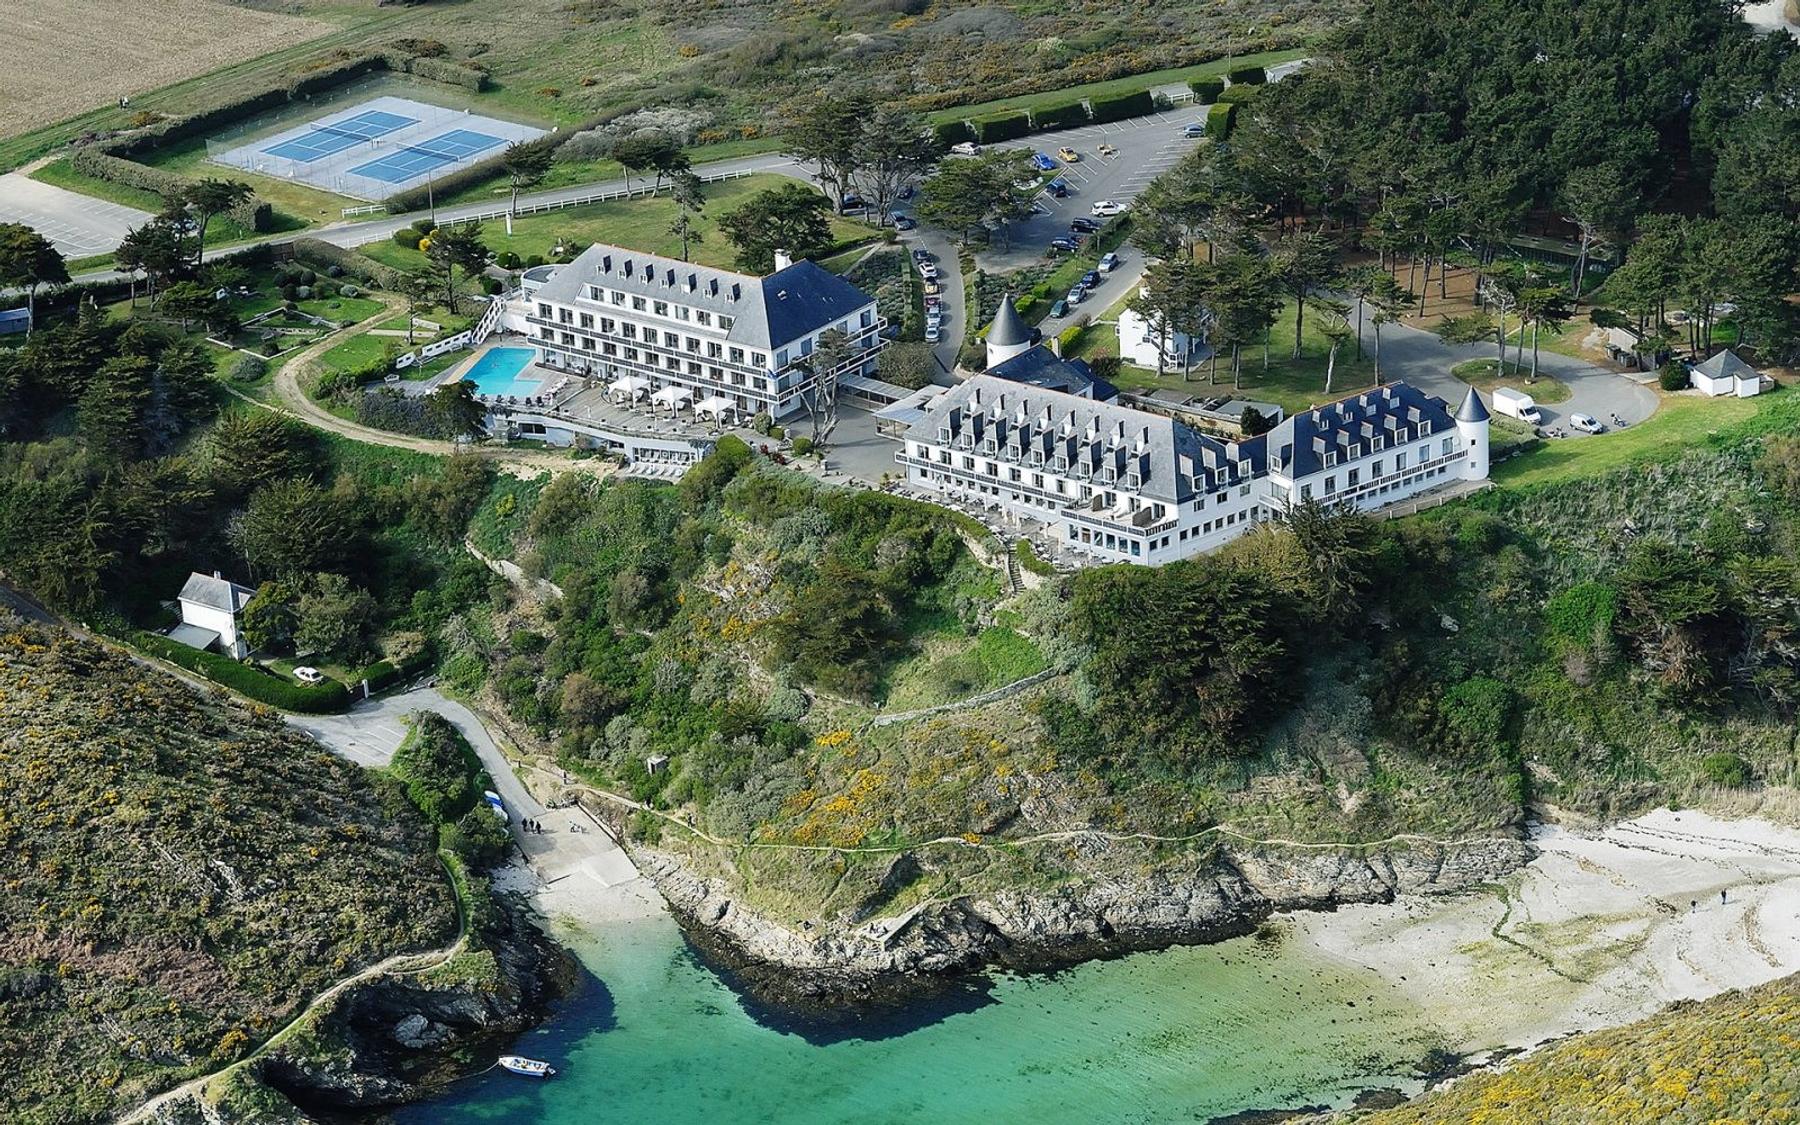 Réserver dans un des meilleurs hôtels de plage en France, le Castel Clara